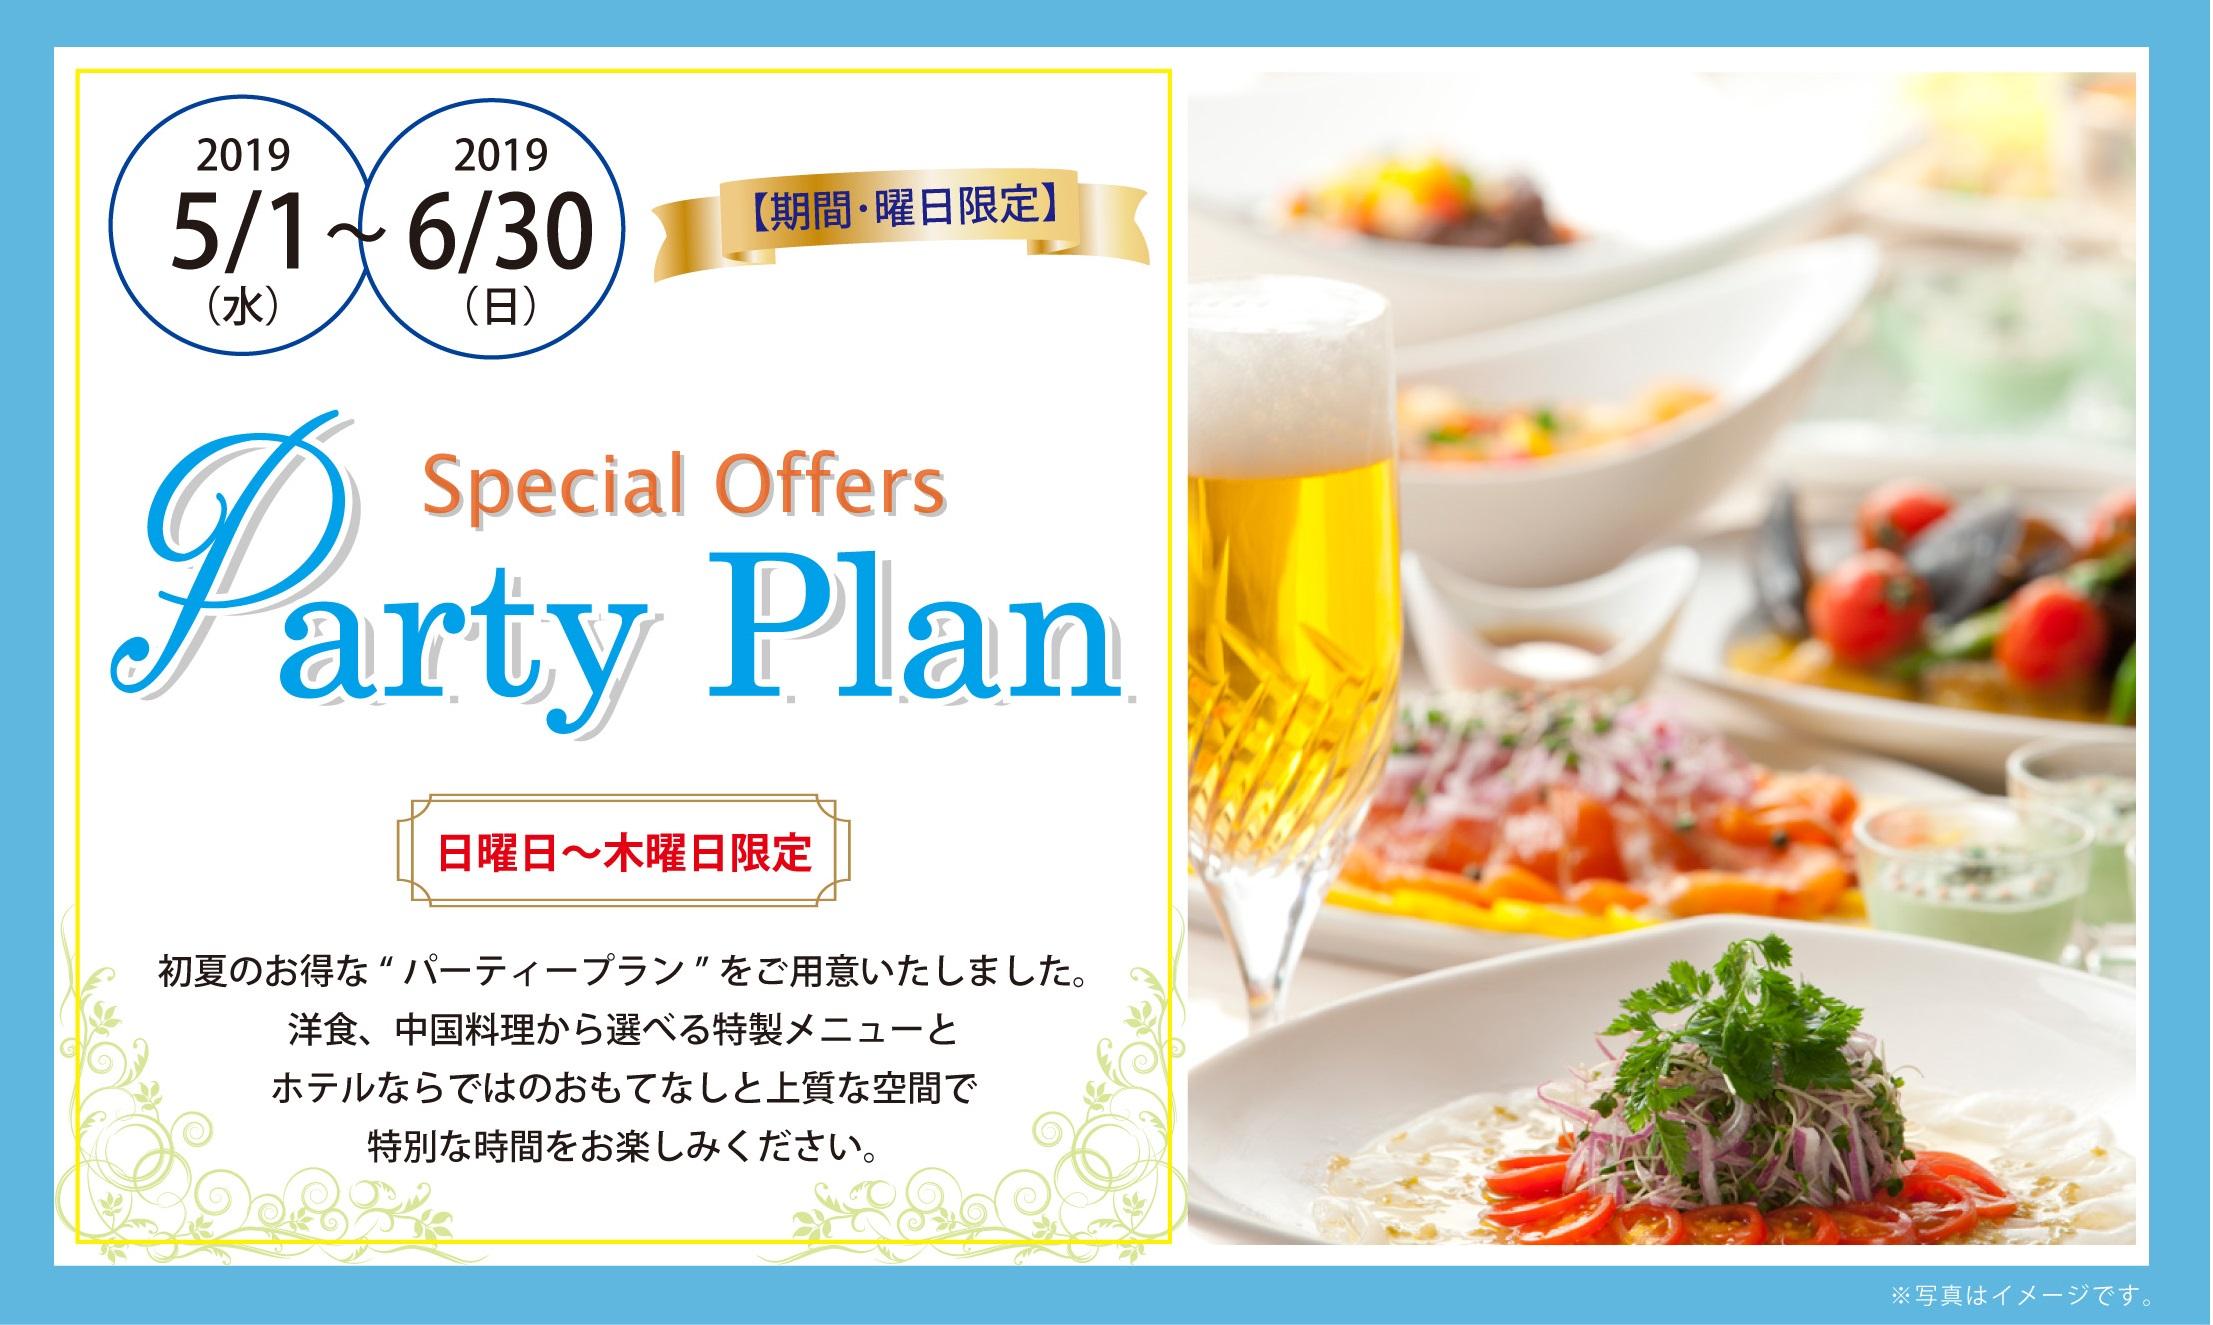 【5月・6月 曜日限定】:Party Plan<br />7周年記念特別企画!<br />ご予約承り中!|レンブラントホテル大分